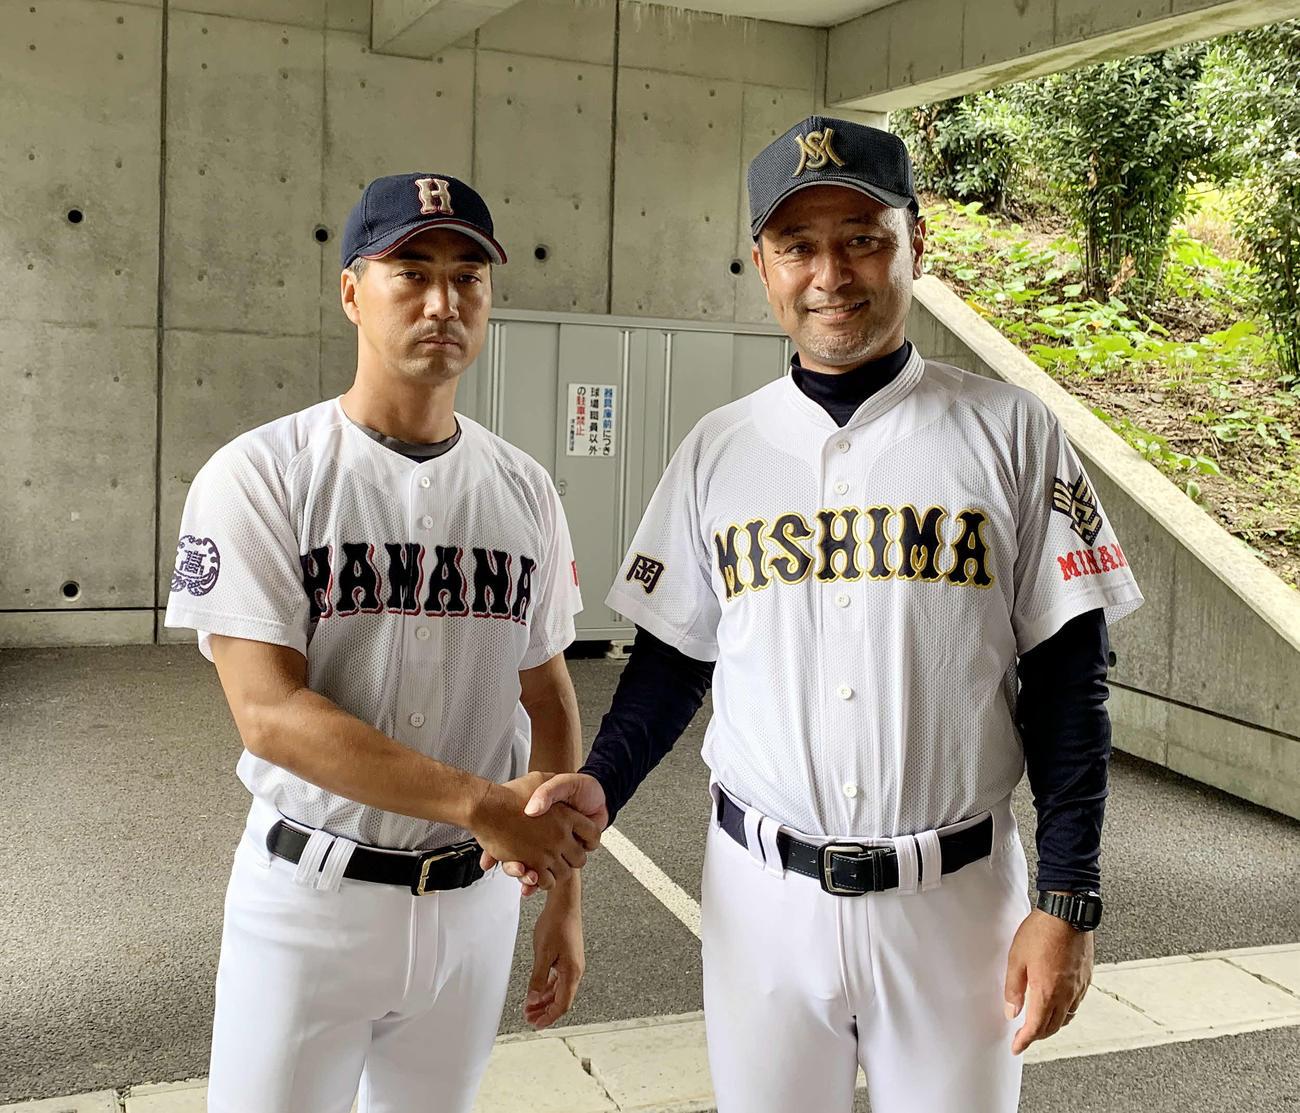 試合後、健闘をたたえ合う三島南・稲木監督(右)と浜名・横山監督